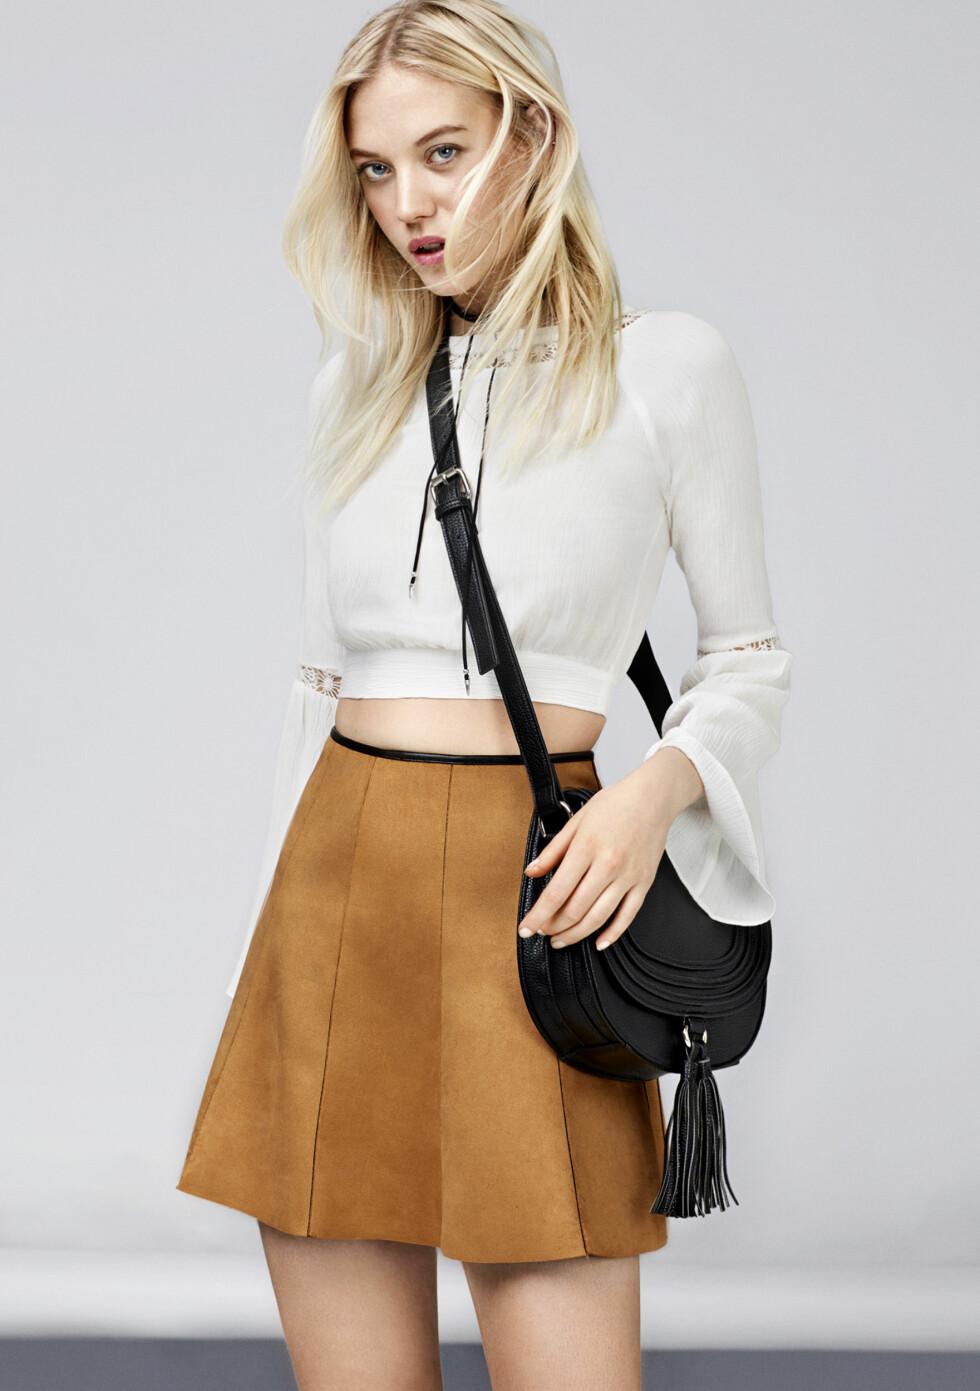 INSPIRERT AV CHLOE: Den sorte vesken er veldig lik trendvesken Chloe Hudson! Foto: Bik Bok